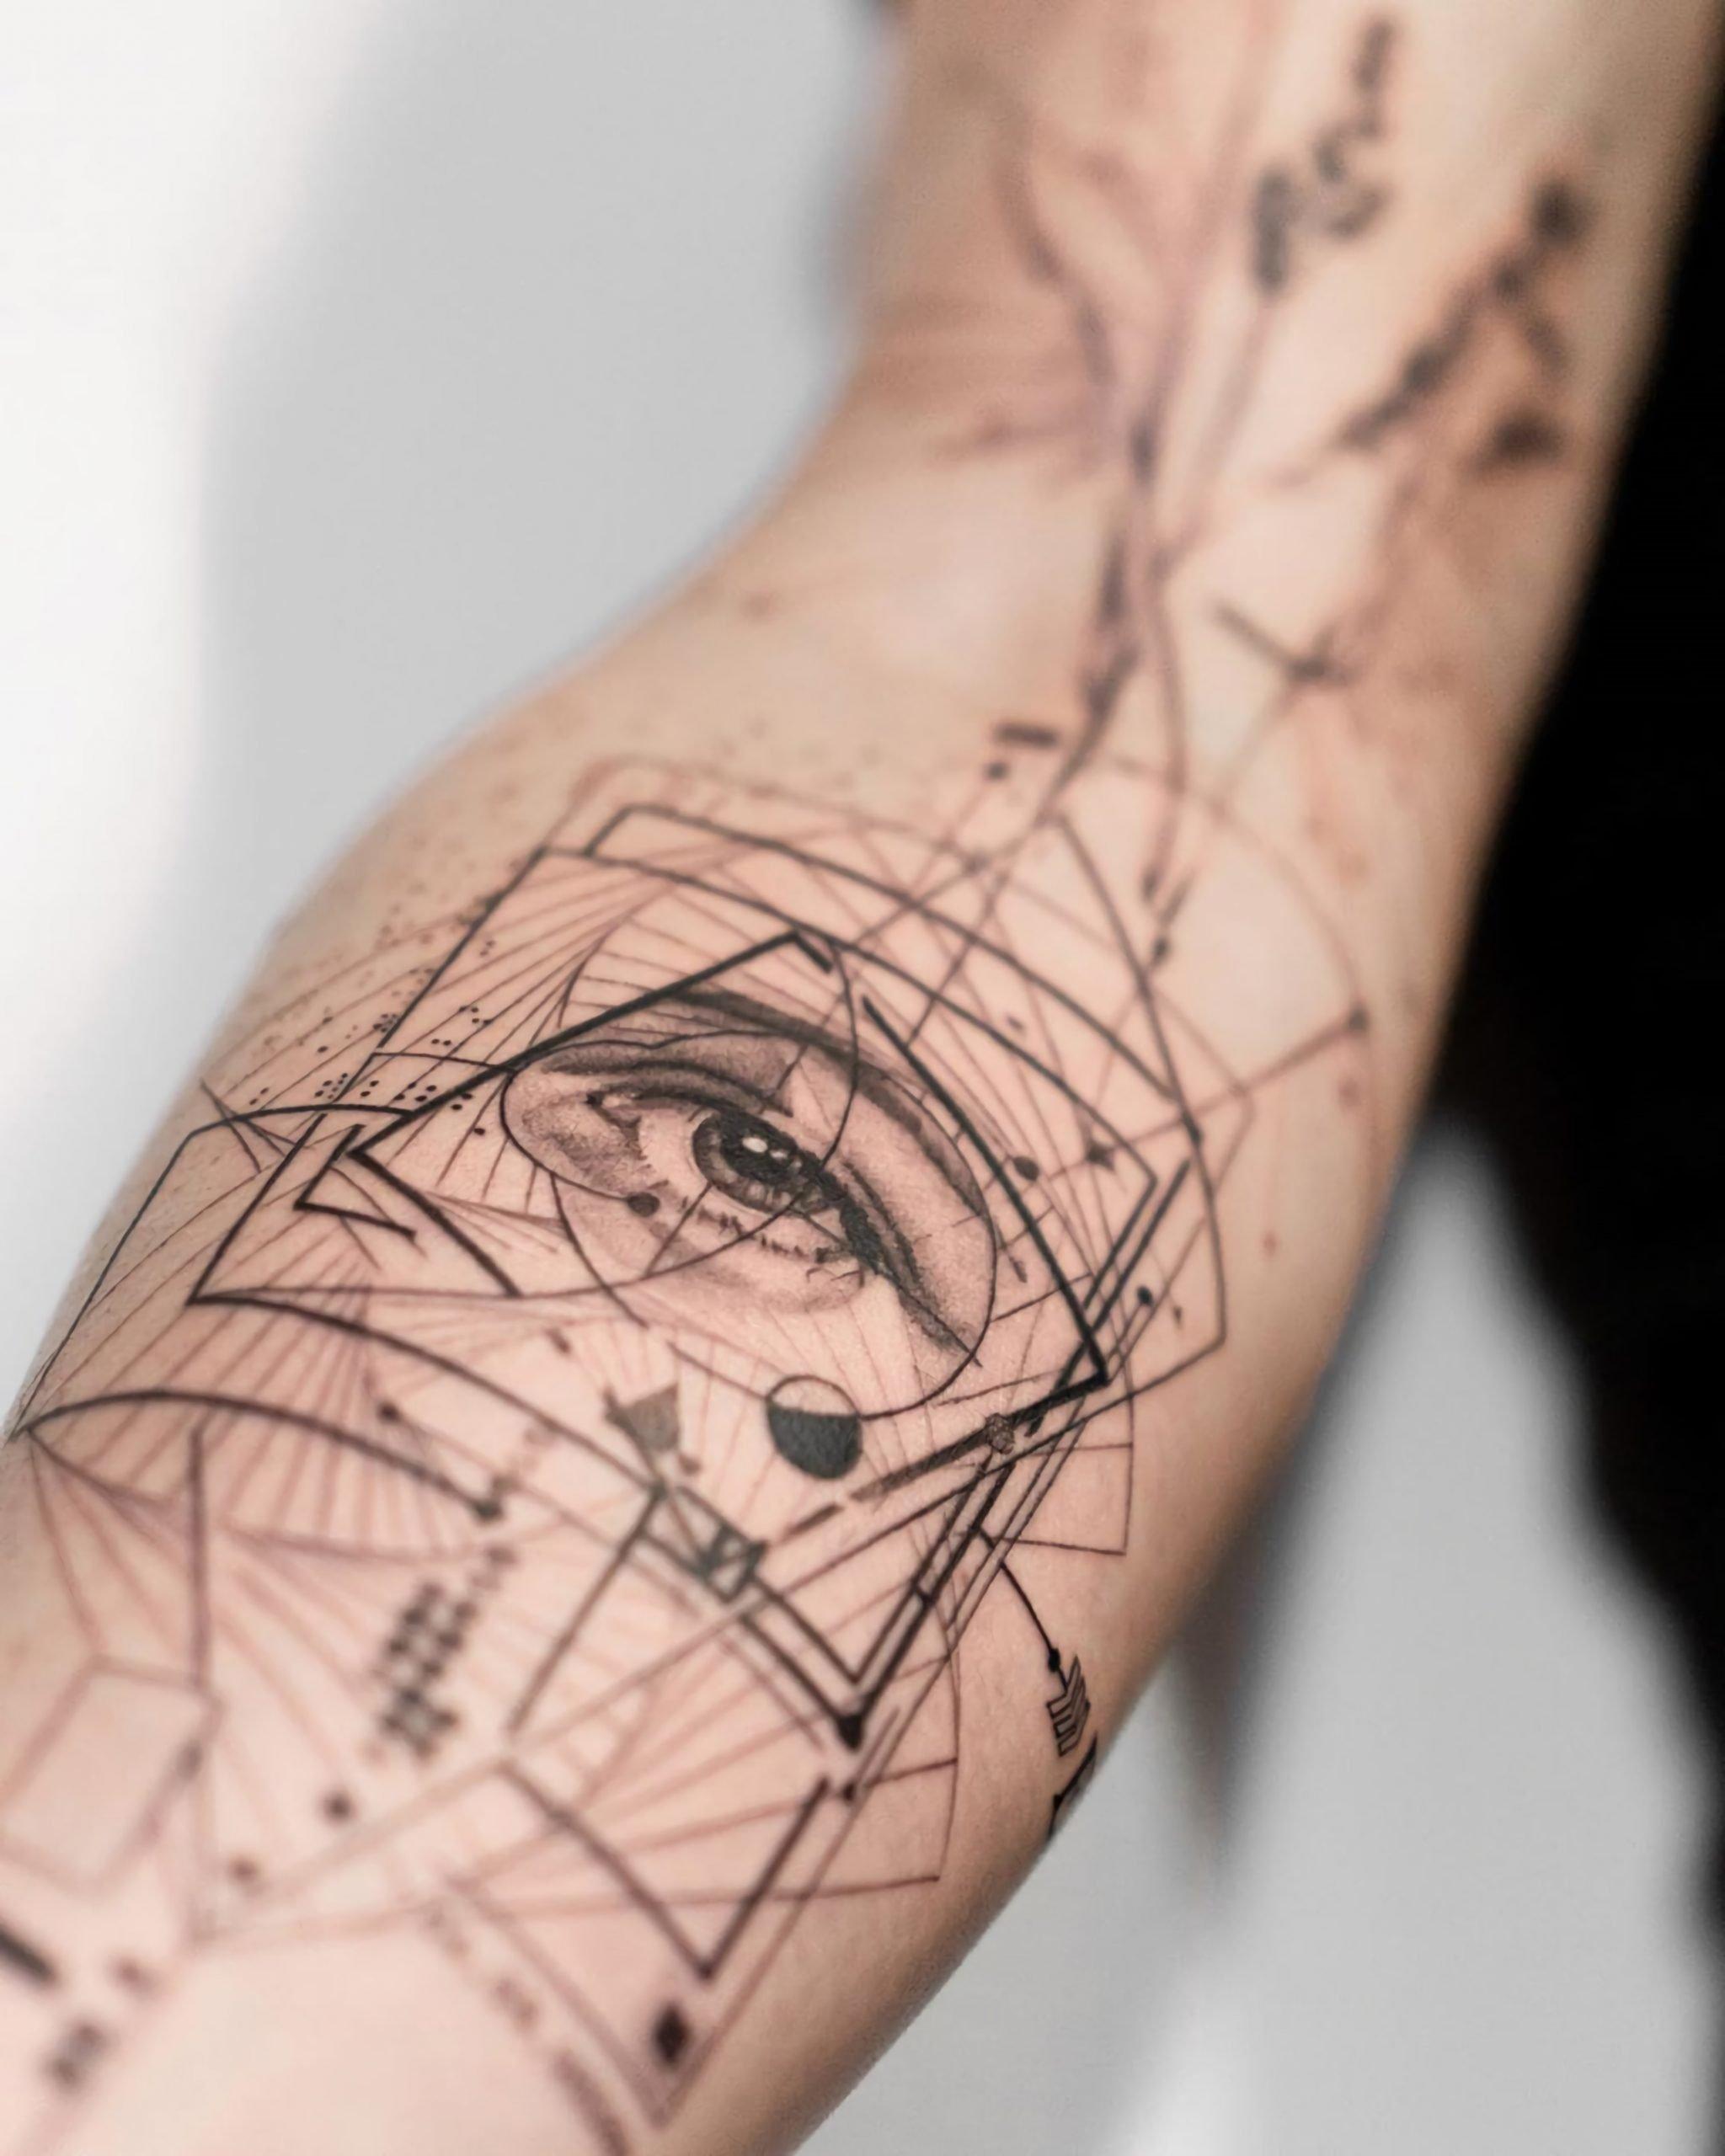 современная татуировка на руке в геометрическом стиле